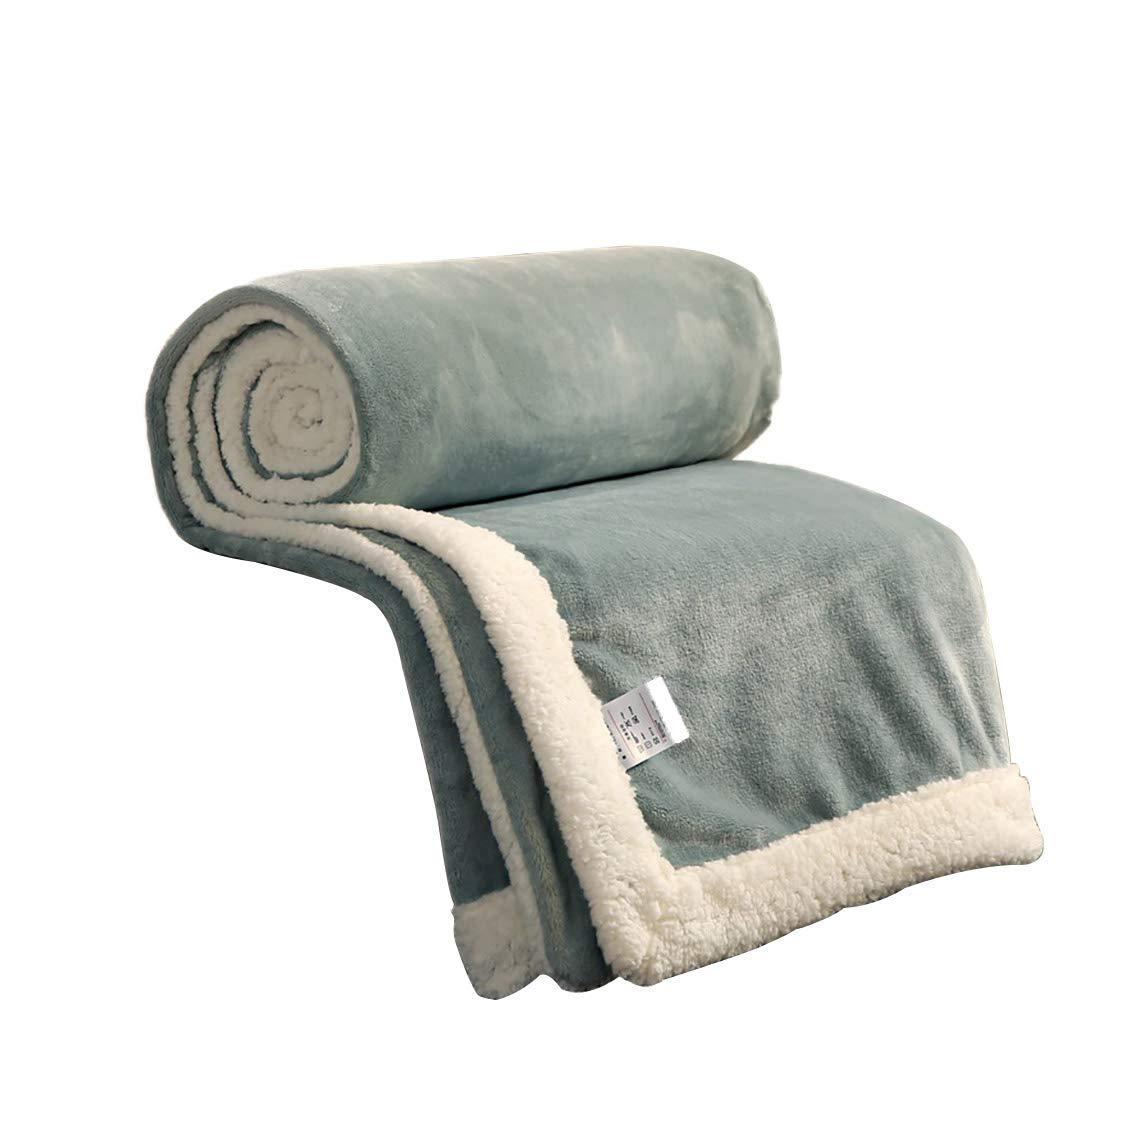 フェイクファー毛布フェイクファー、無地毛布学生寮女性冬厚いサンゴフリース毛布暖かいシートキルト(色:A、サイズ:150× 200 cm) B07QNJ14LJ